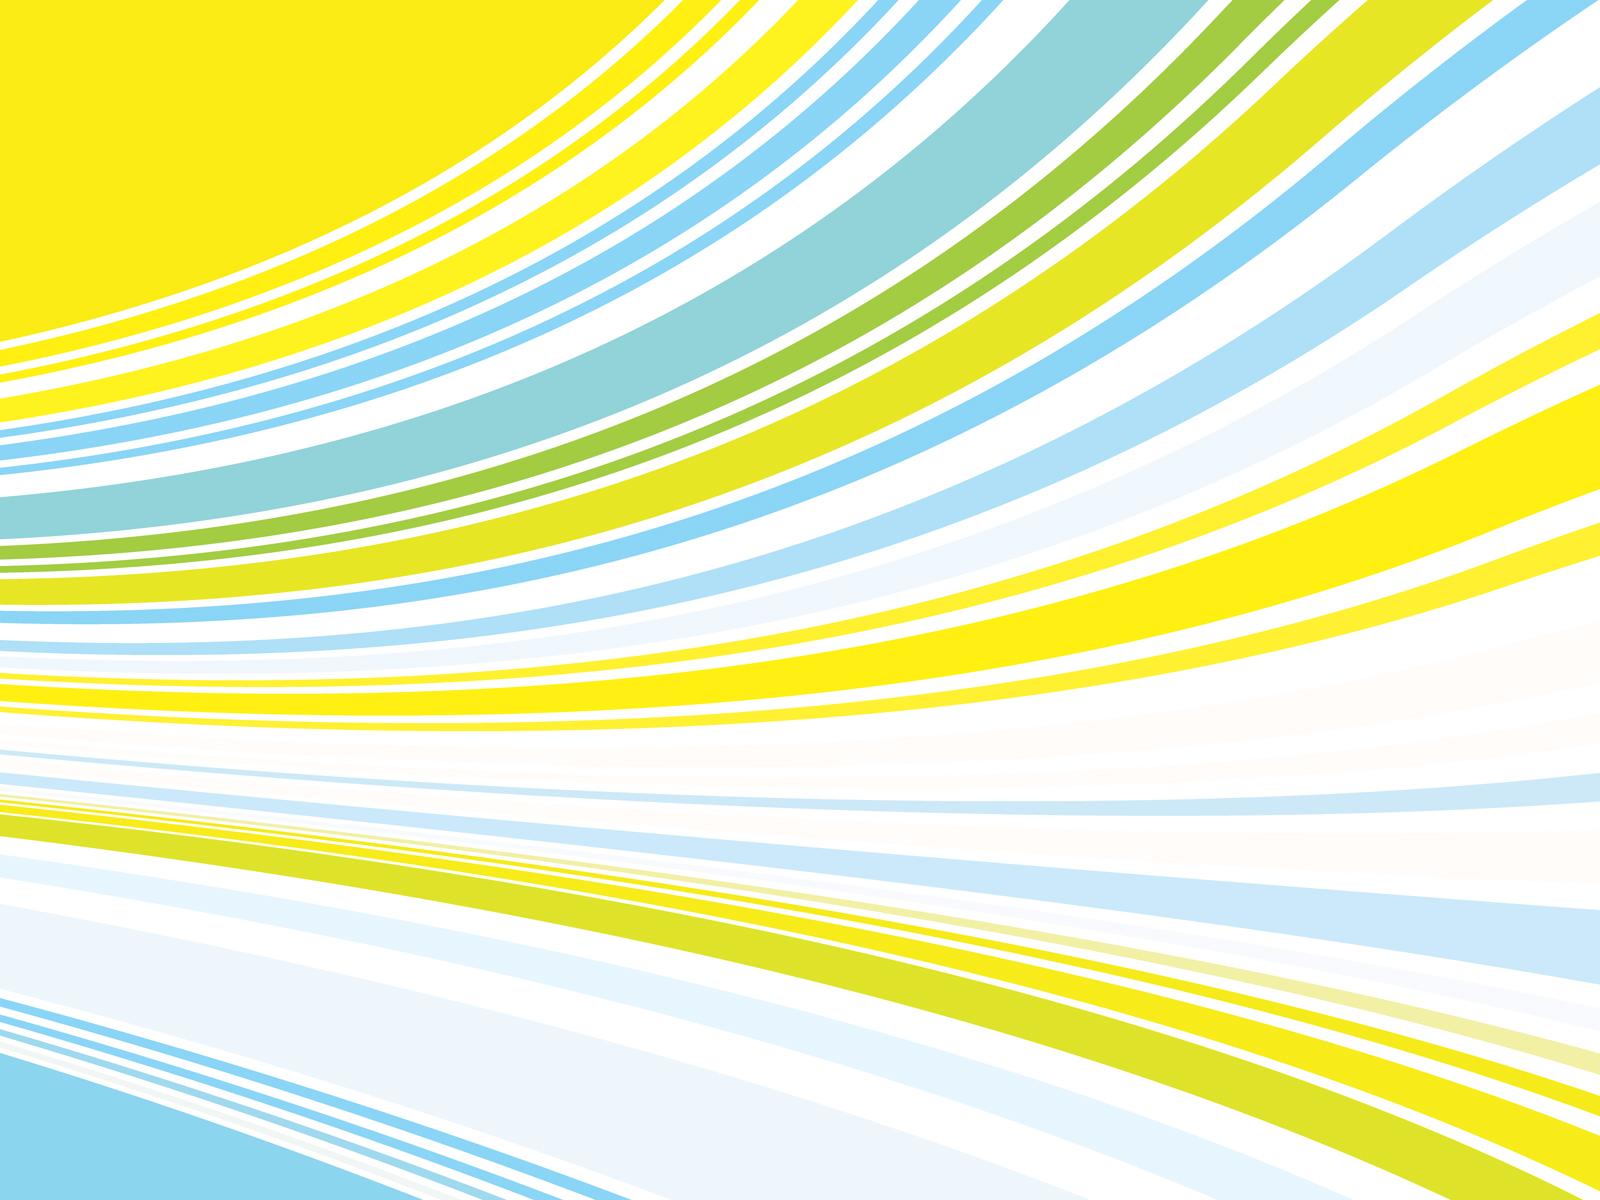 Color Line Design : Powerpoint design clipart best